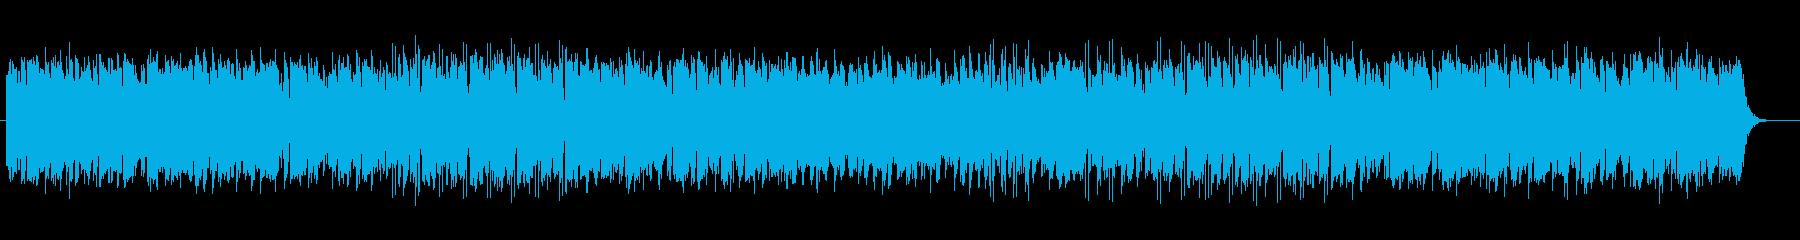 リズム感があり木琴が印象的なテクノの再生済みの波形